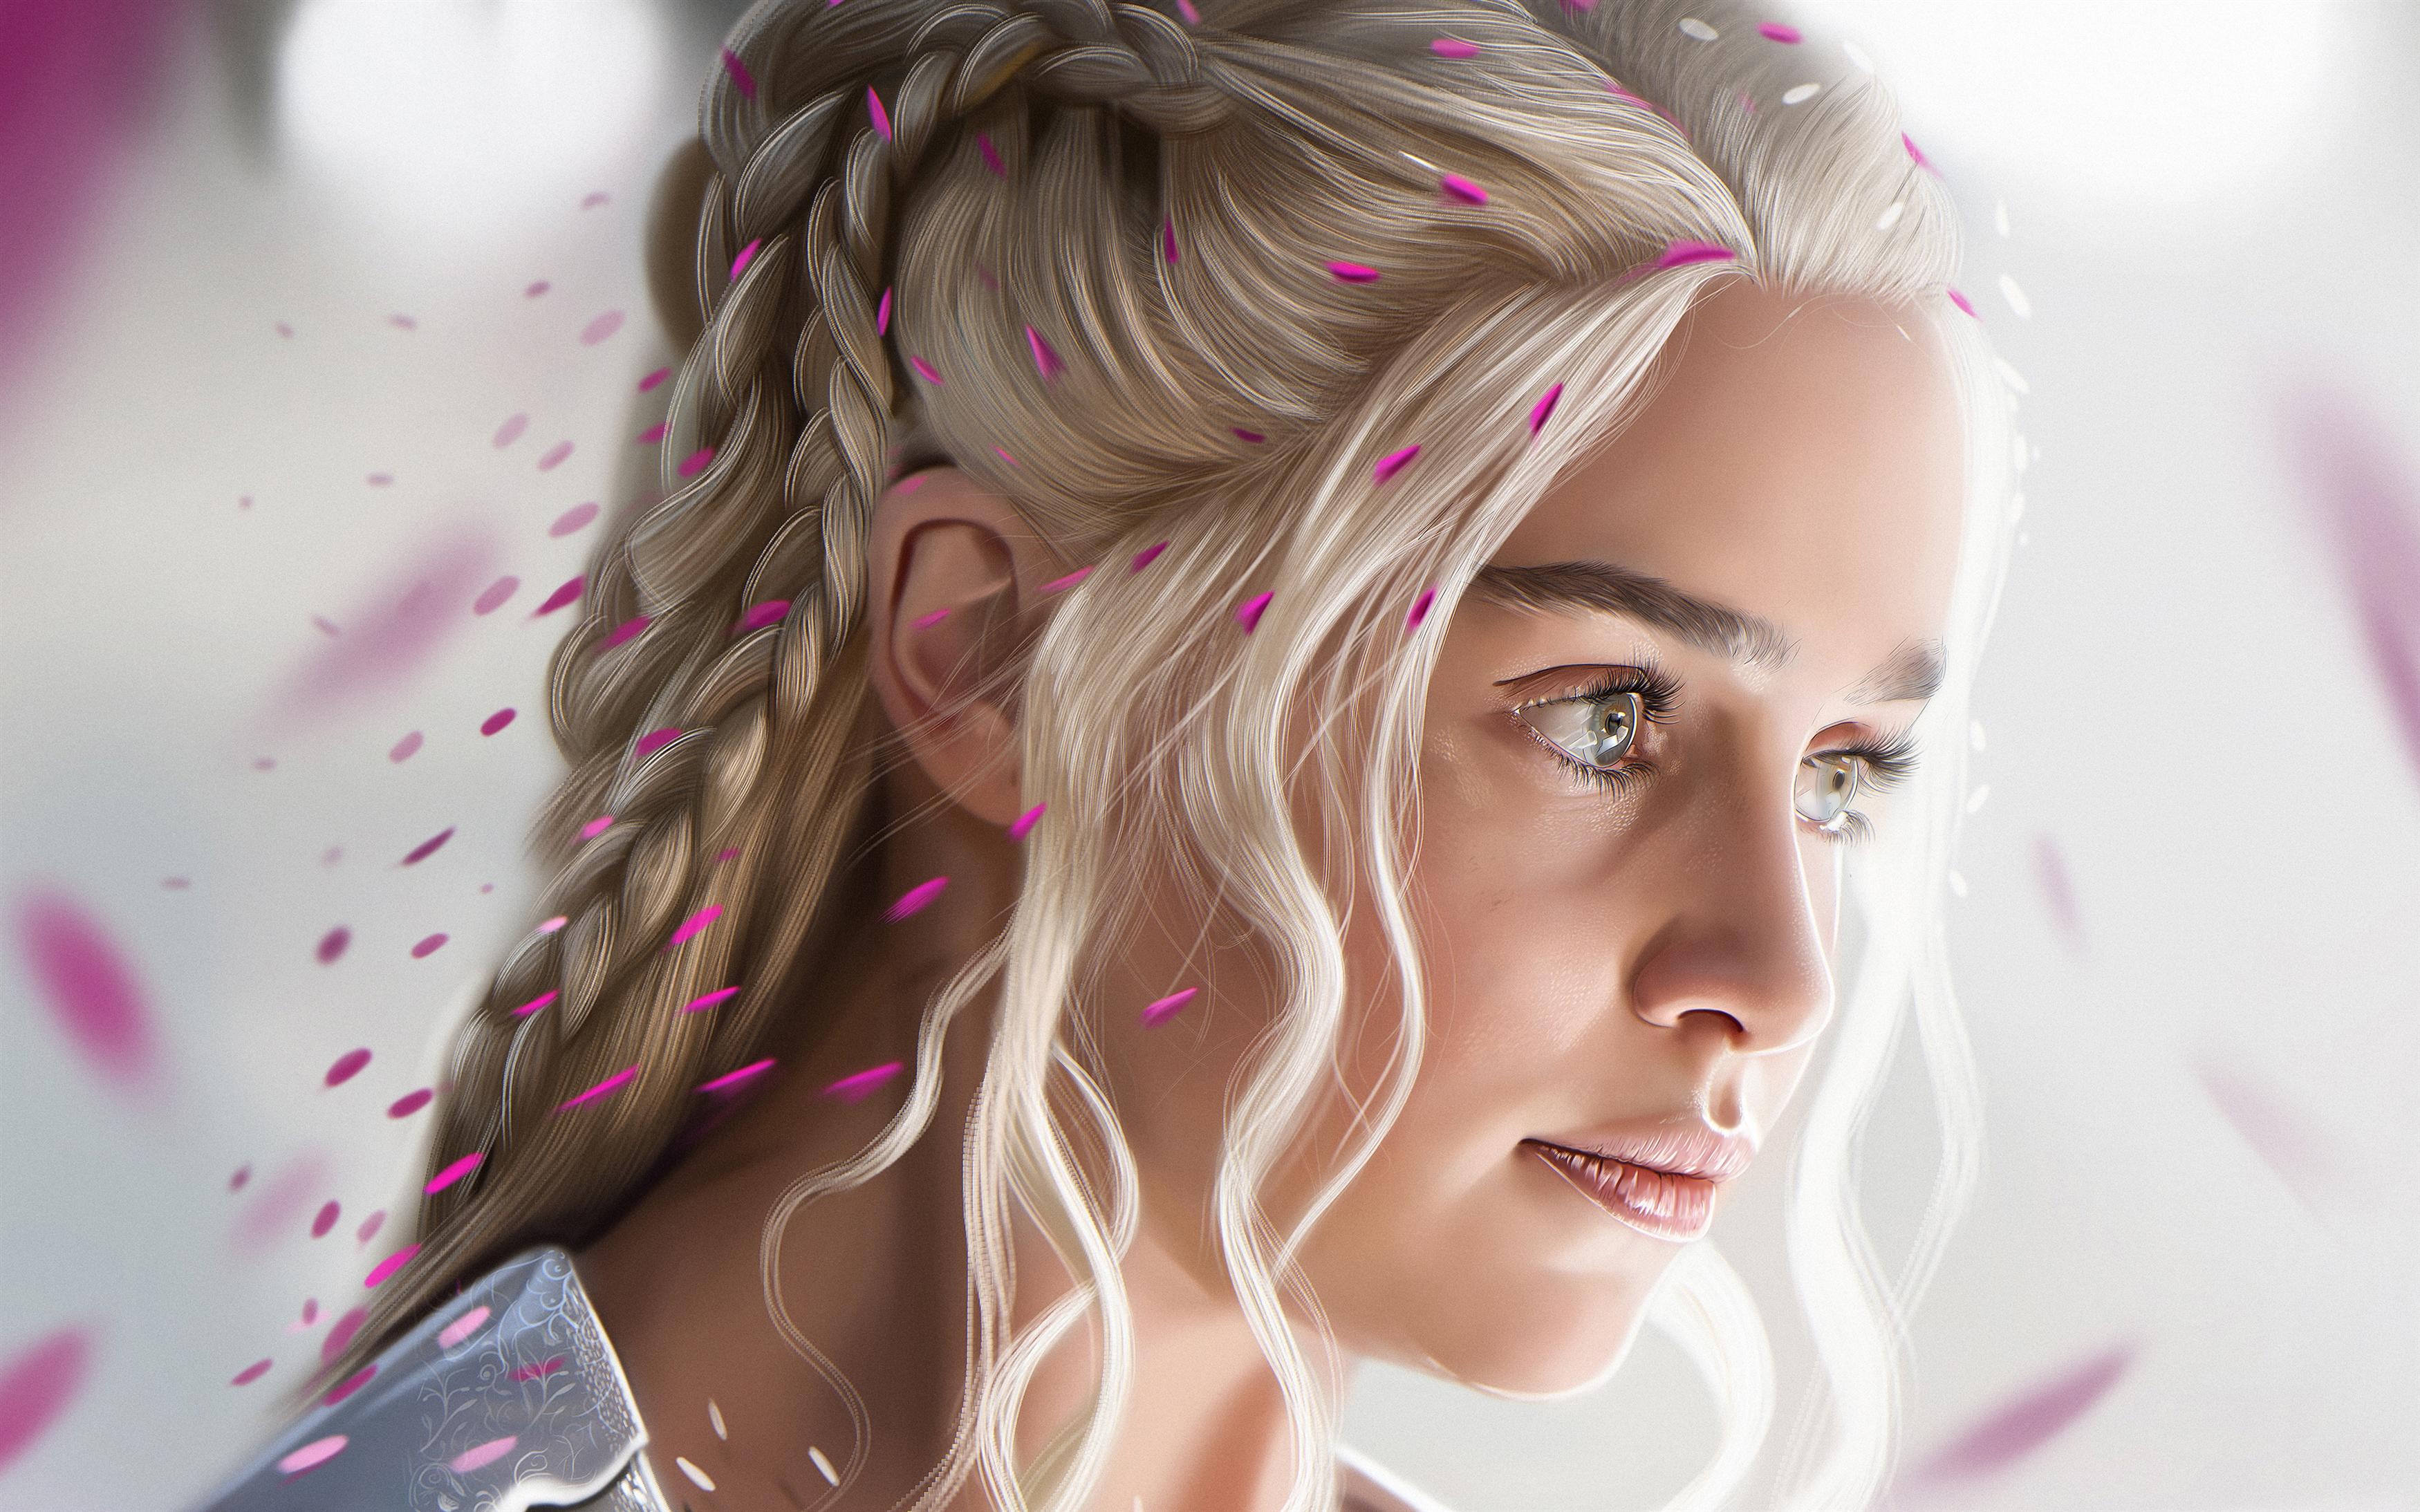 Художественное произведение Daenerys Targaryen обои скачать